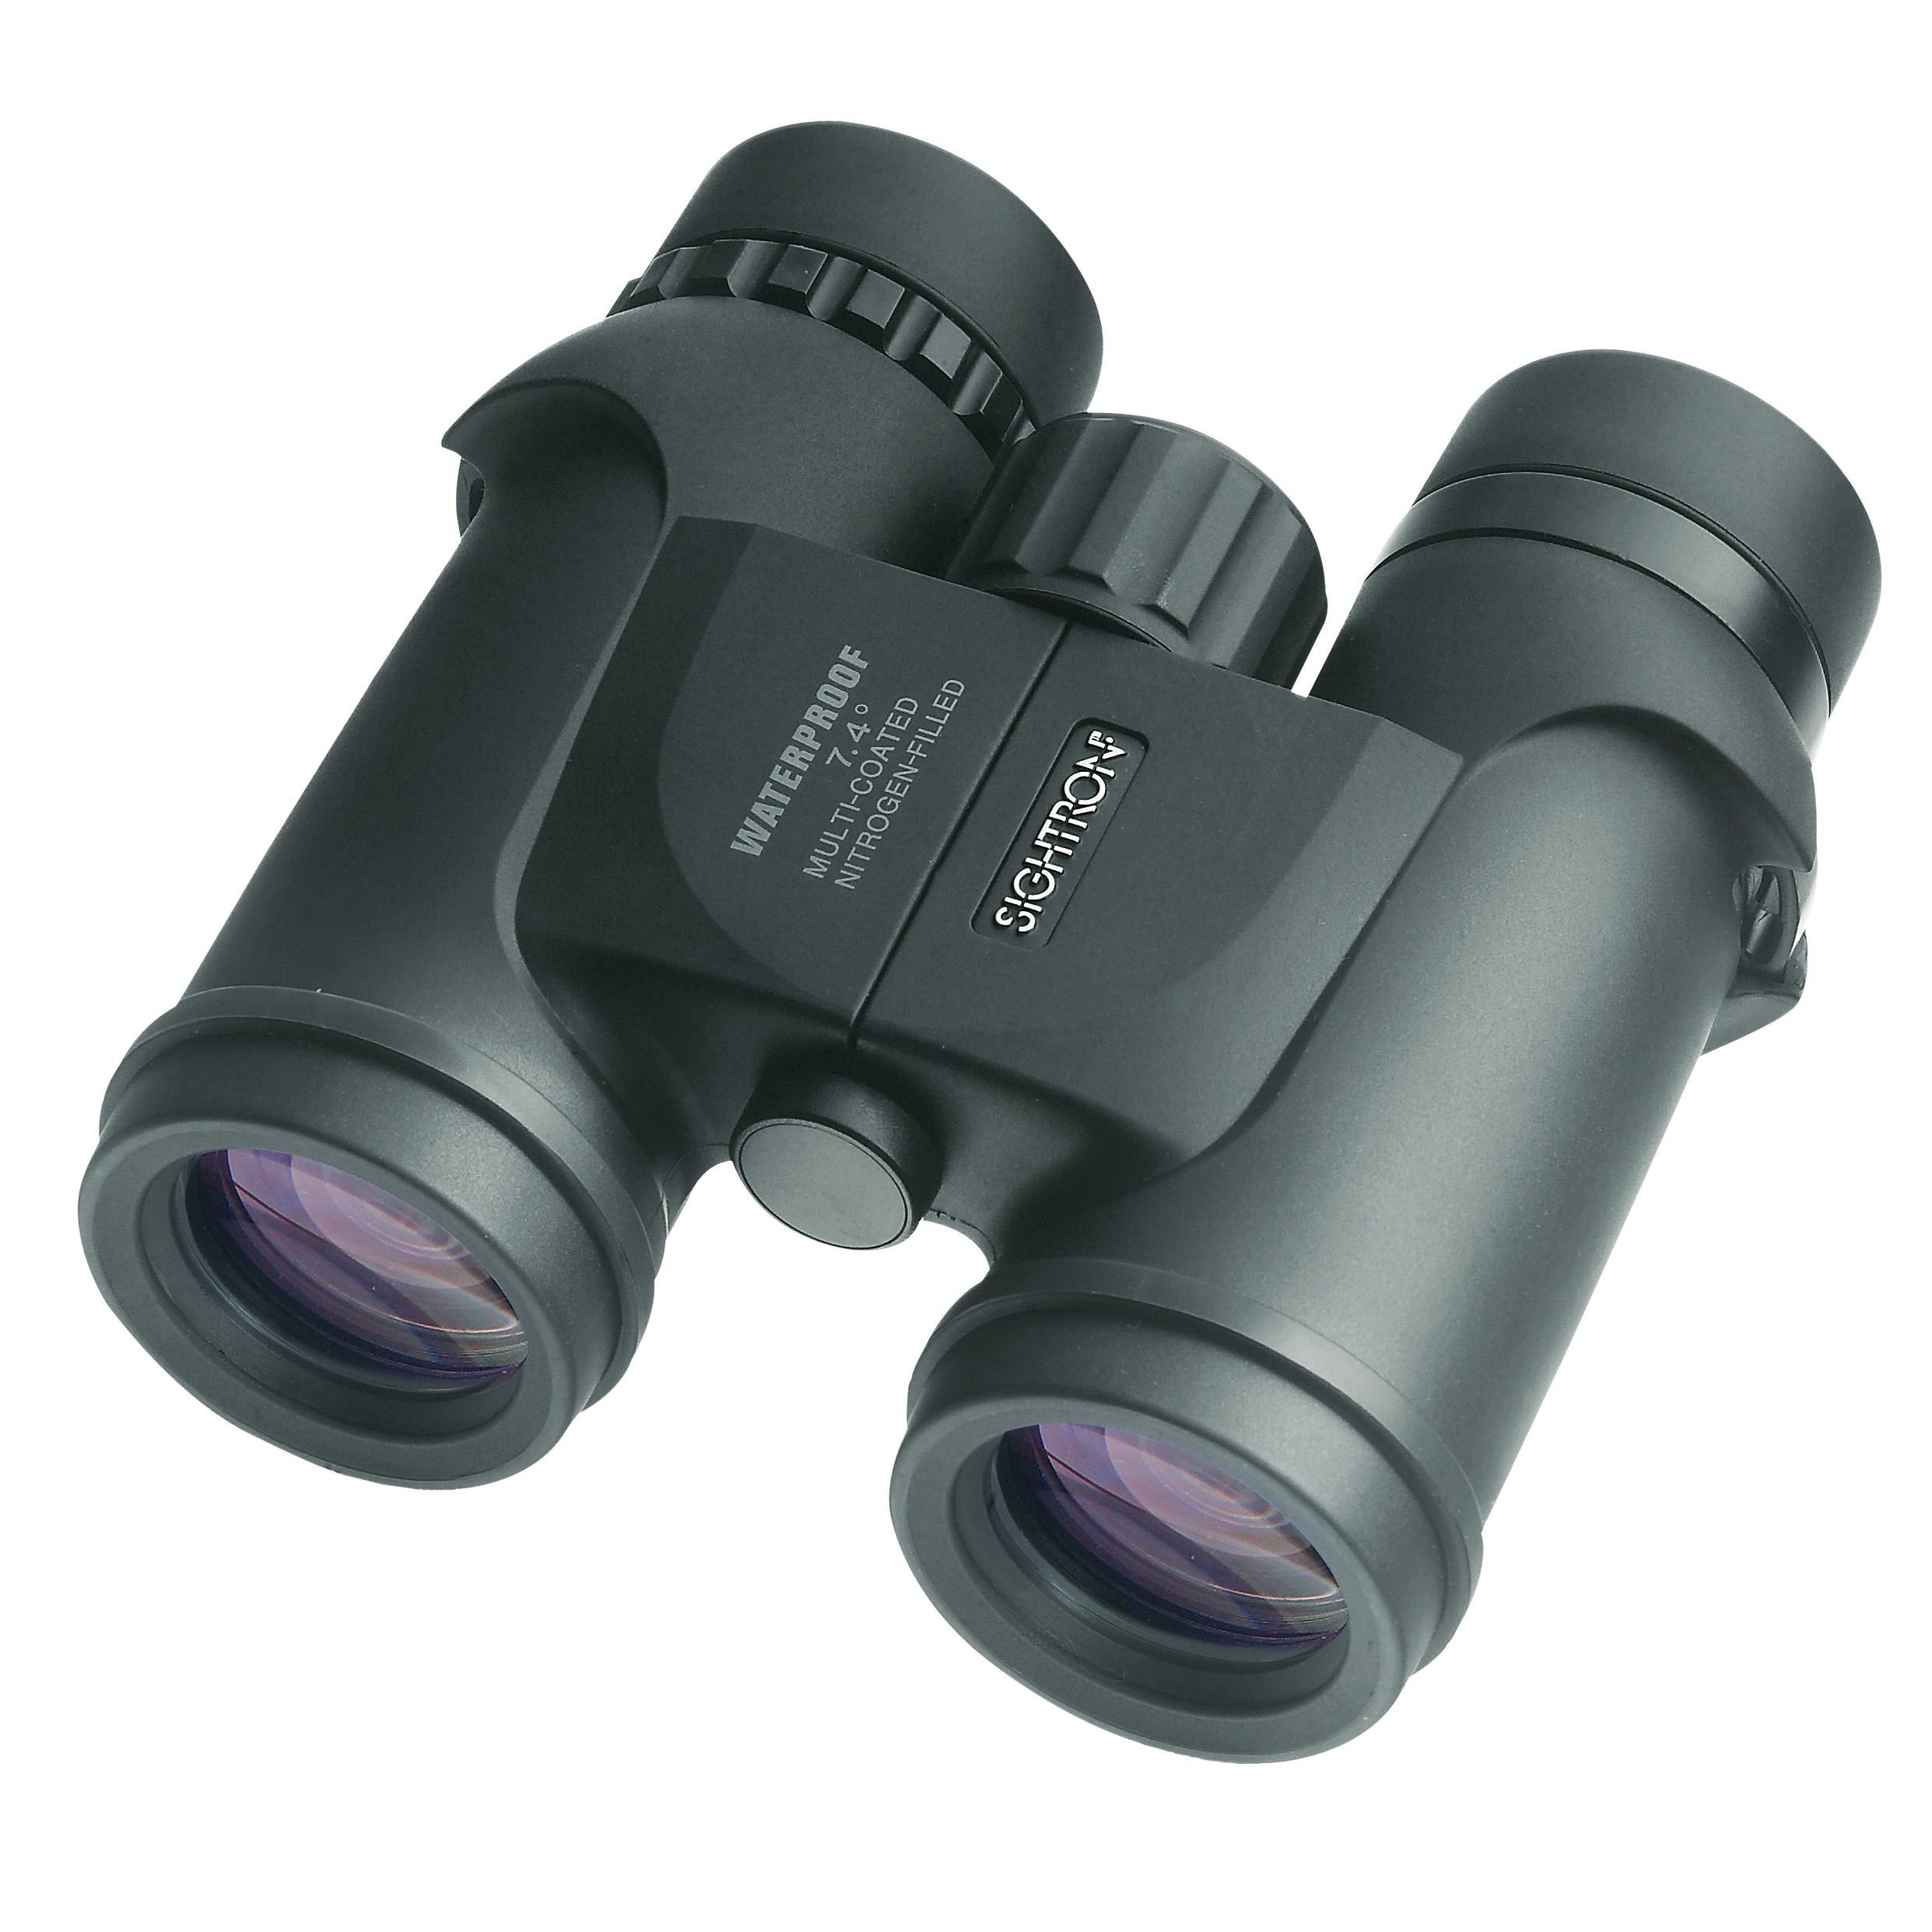 Sightron SI Series10x32mm Bino Binoculars